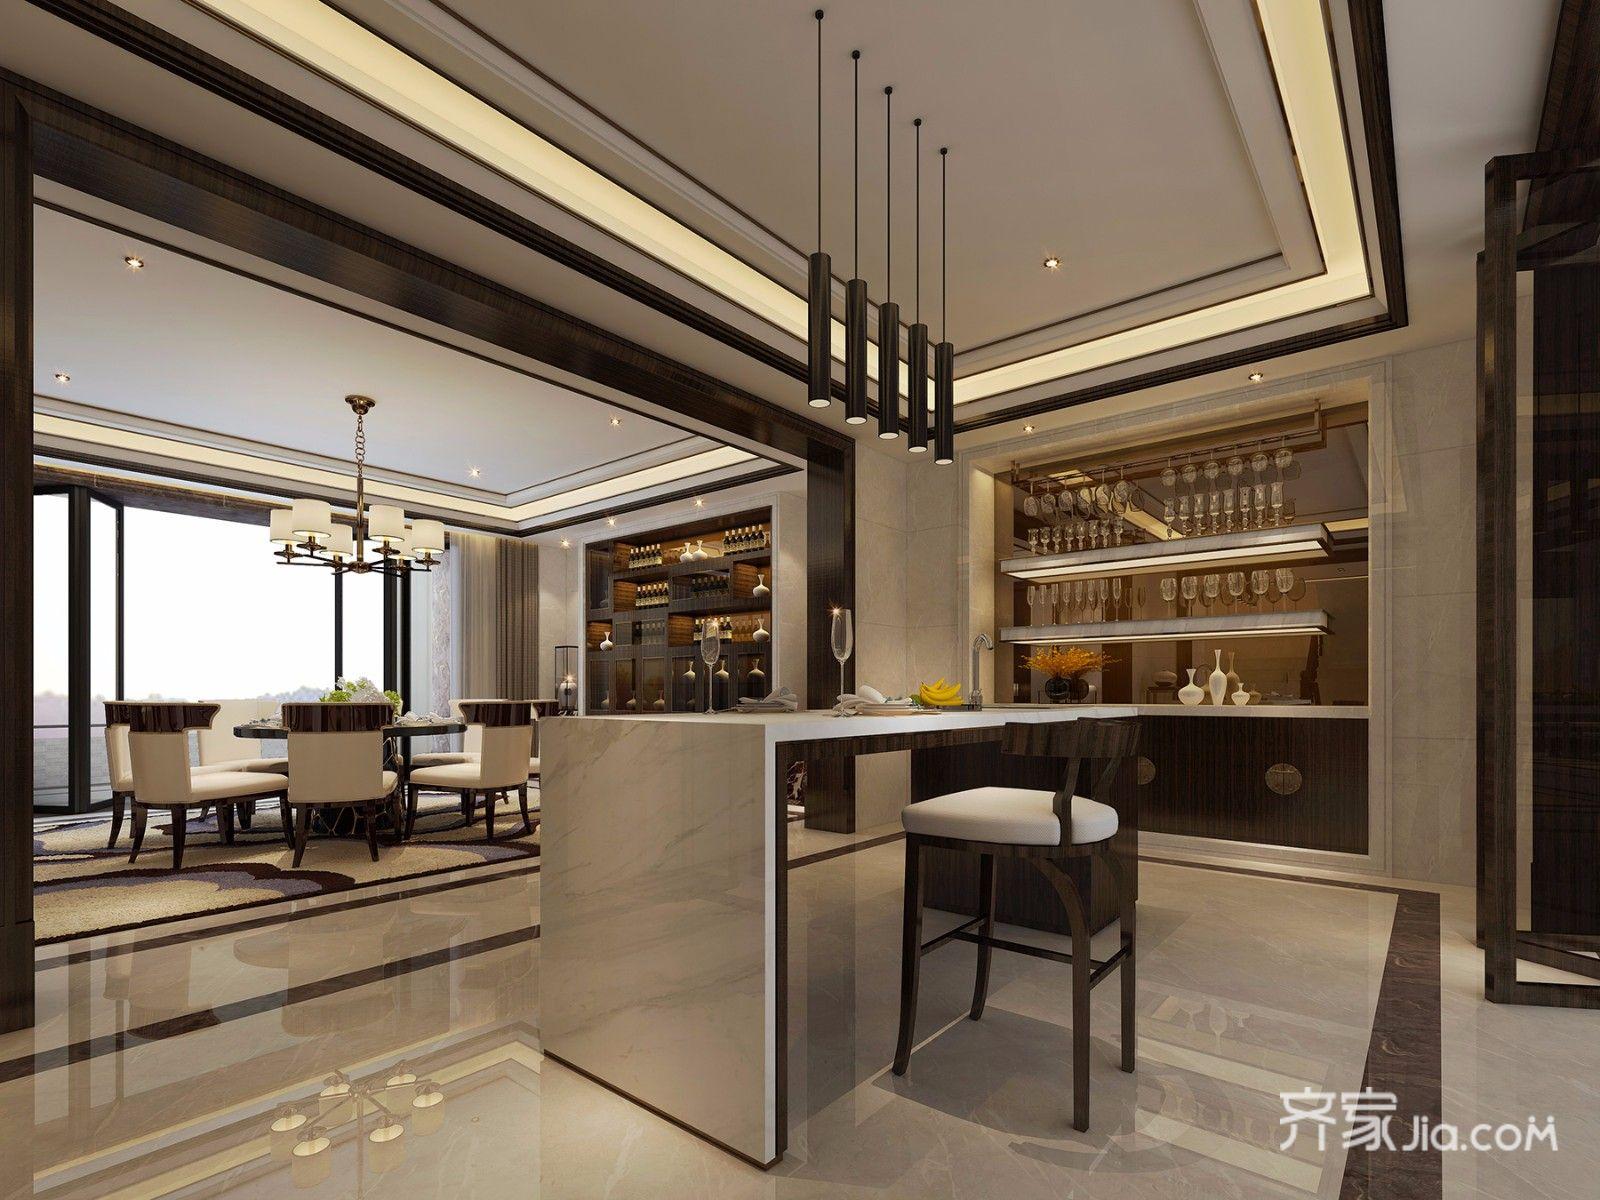 中式风格别墅吧台设计效果图